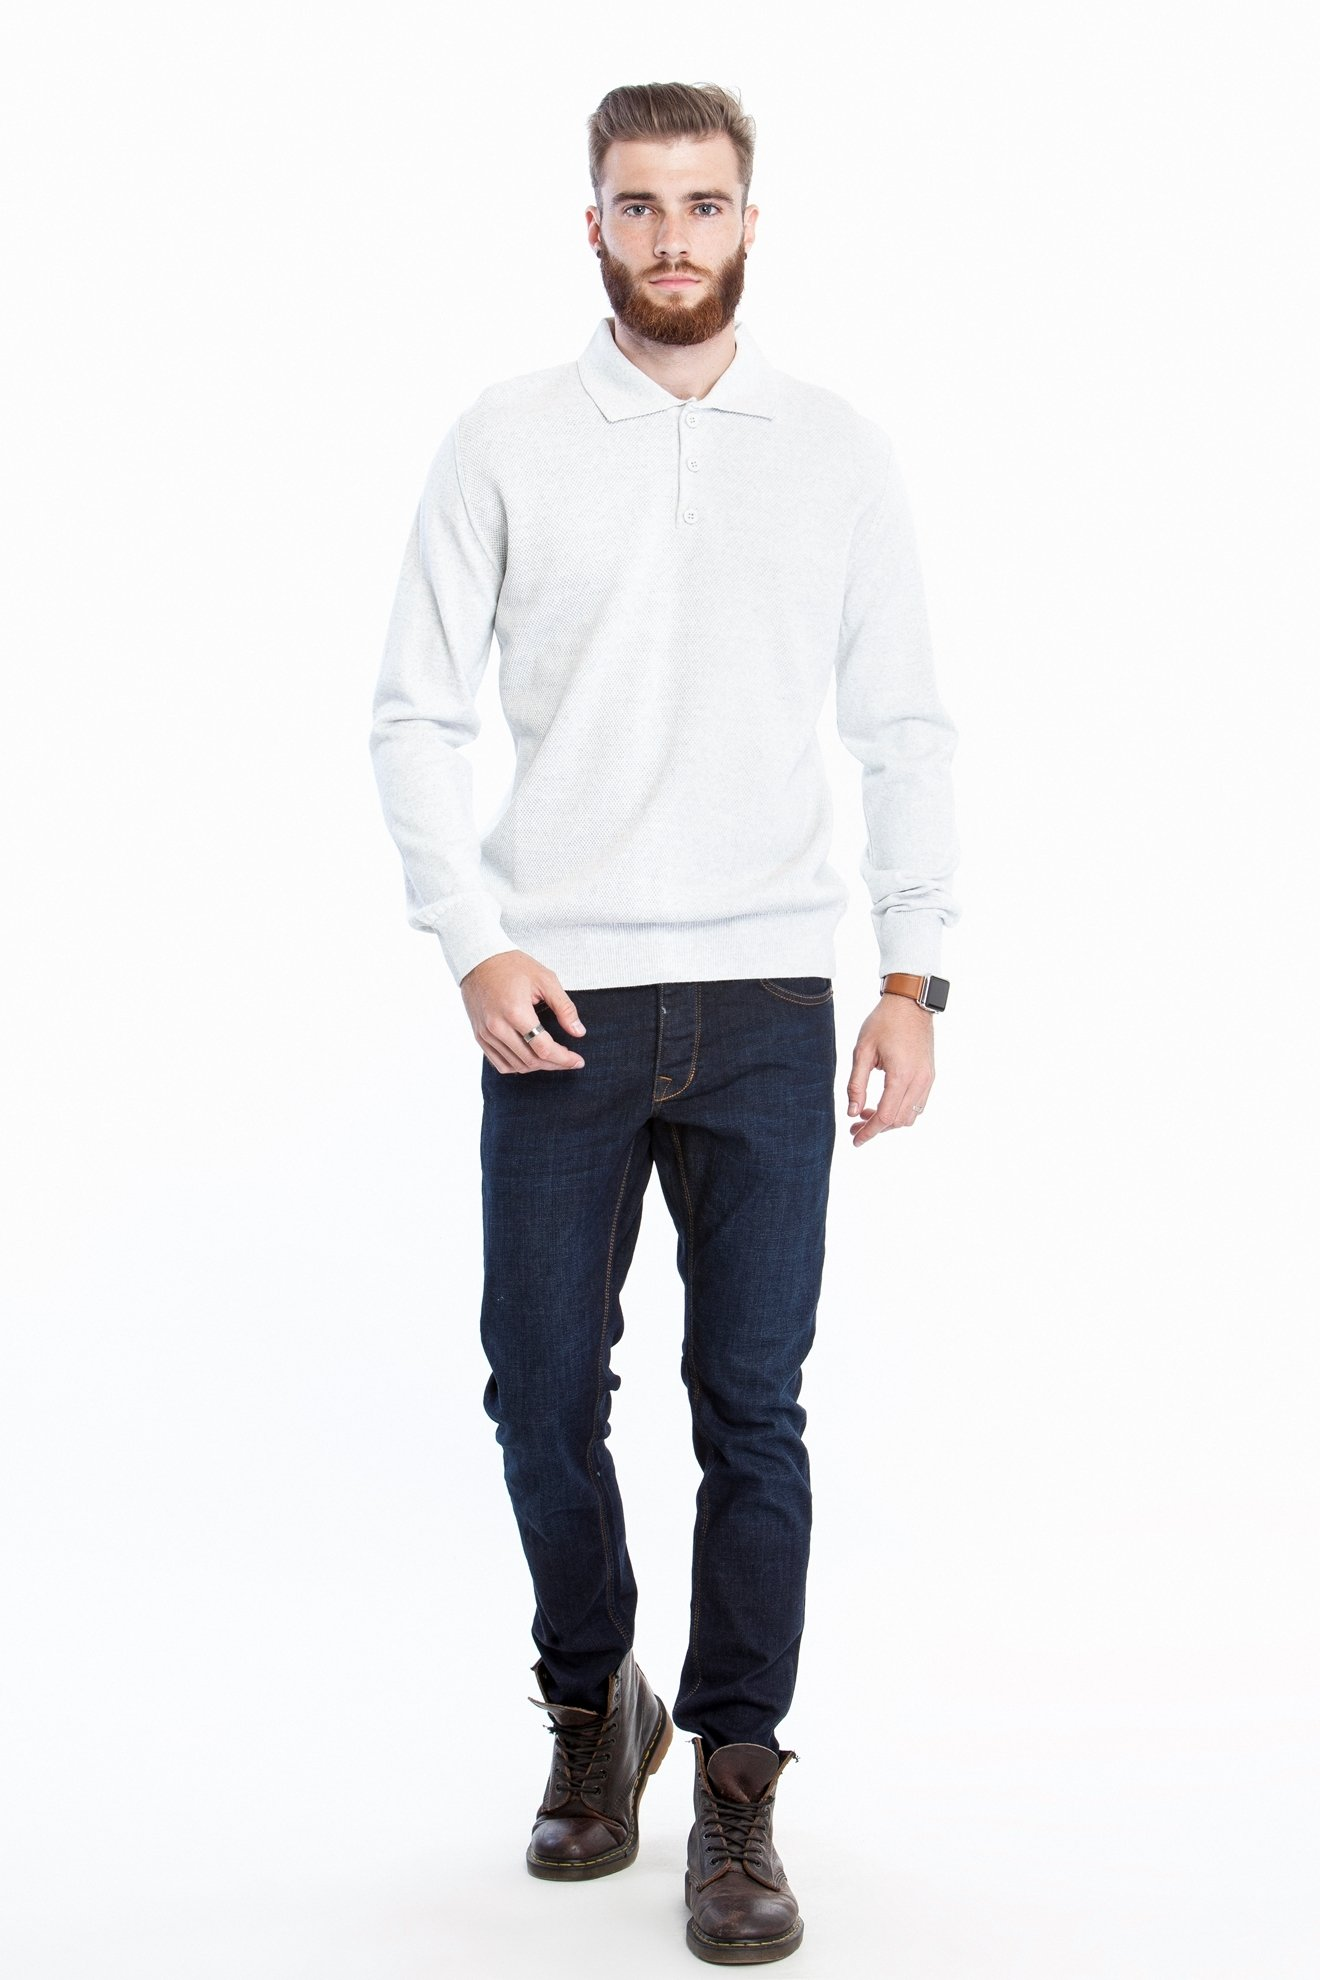 Джемпер с воротником поло белого цвета (Арт. POK 2669)